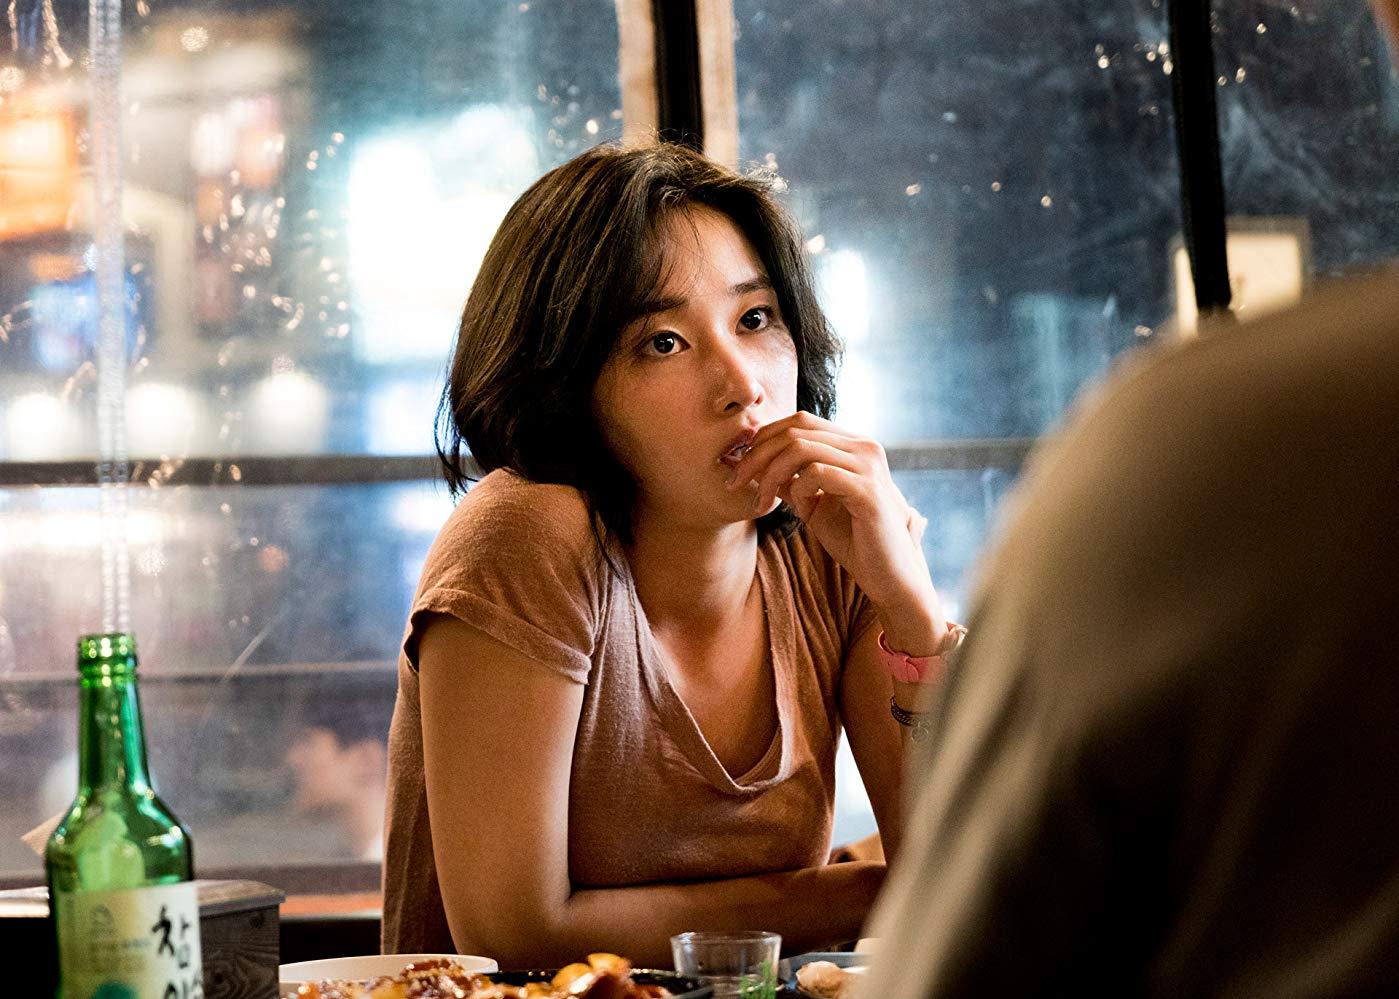 جونگ سو که از بر خشونت مفرط پدرش از خانه فراری و ته مانده های خشونت و خشم پدری در ساختار شخصیتش نهادینه شده اما پروتاگونیستی باورپذیر است که بواسطهی تضاد طبقاتی (که تحلیل مارکسیستی کارگردان را تا پایان فیلم با خود یدک میکشد و در انتها به پیروزی جامعهی پرولتاریا با قتل بن میانجامد) و خشمی مثبت که از تنفر نسبت به رقیب زاده میشود.